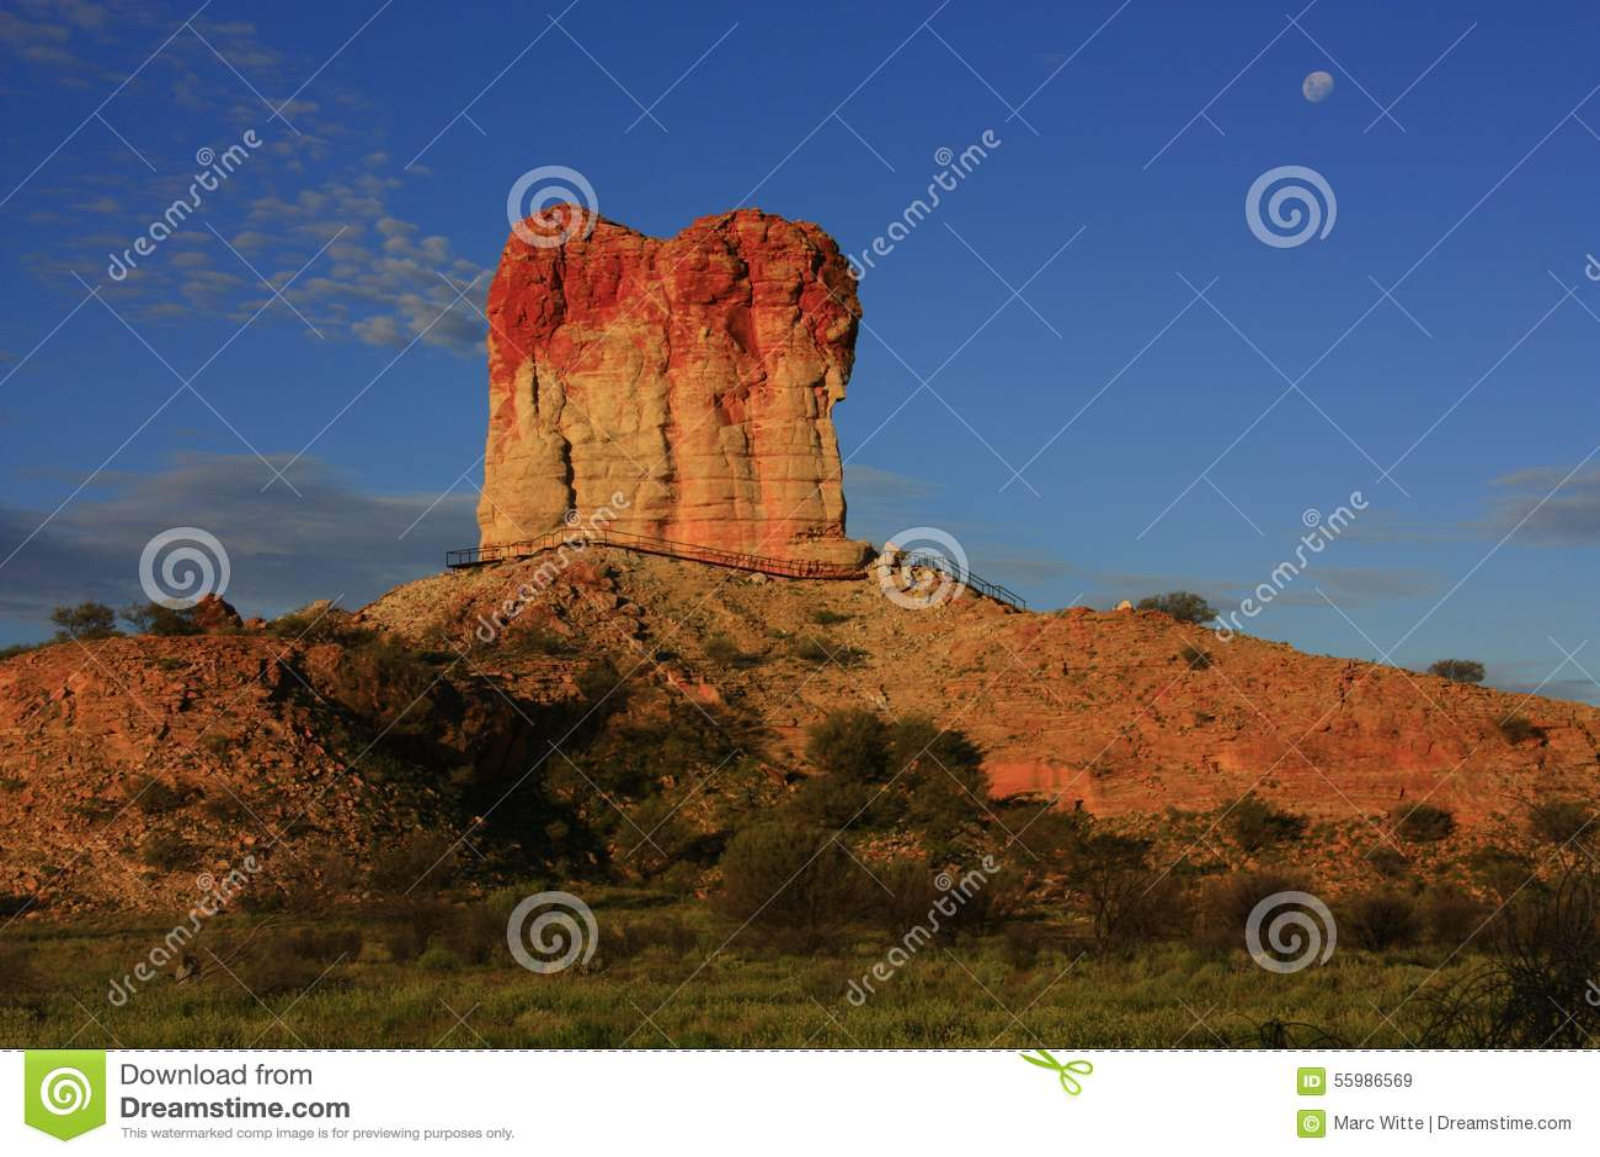 Coluna das câmaras, Território do Norte, Austrália